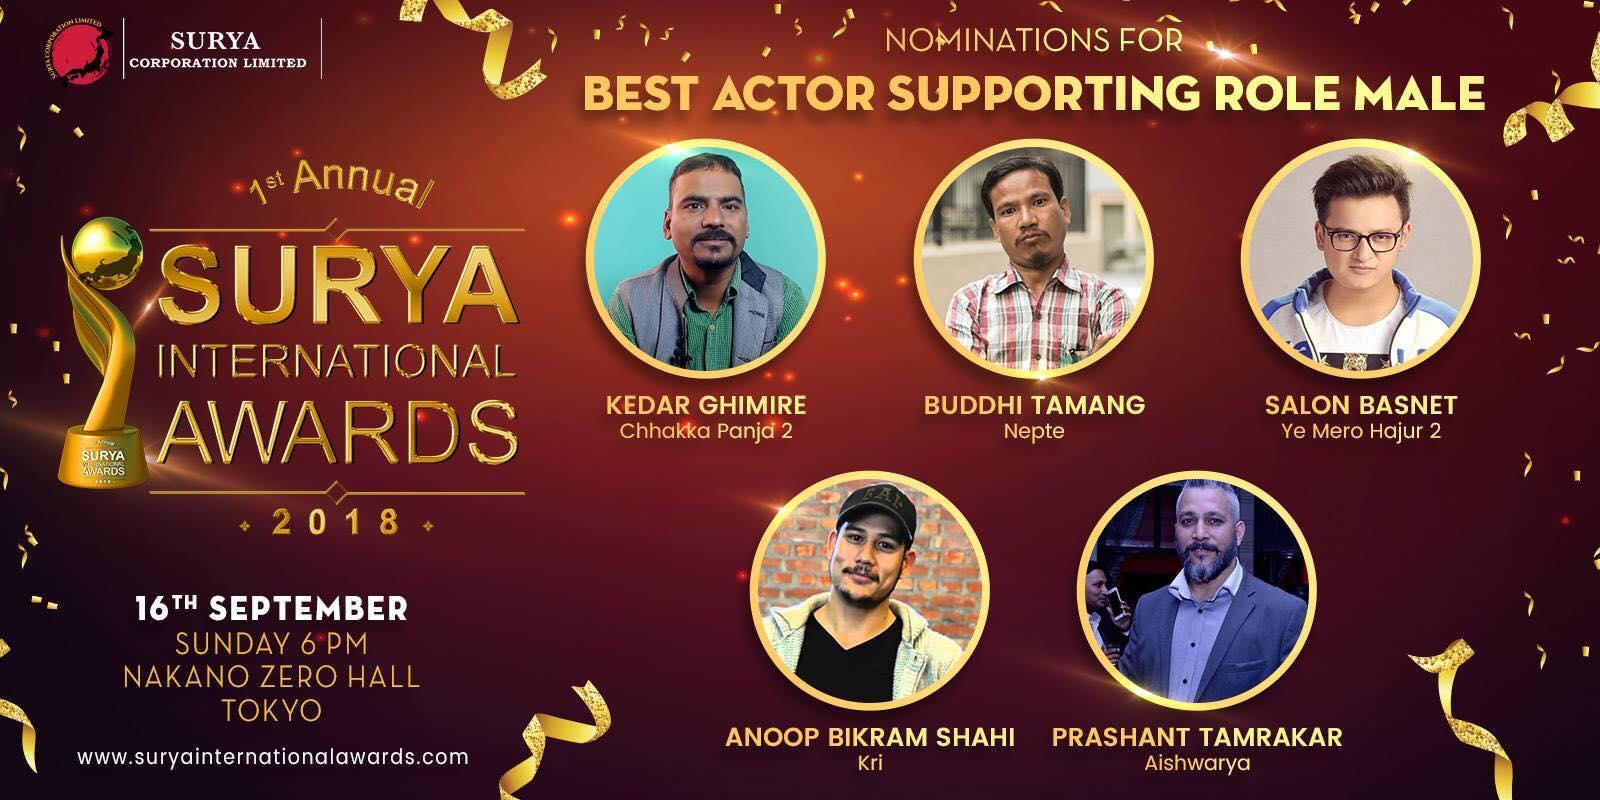 सुर्य ईन्टरनेशनल सर्वश्रेष्ठ सह-अभिनेता अवार्ड दौडमा केदार, बुद्धि, सलोन सँगै अनुज र प्रशान्त (भिडियो सहित)